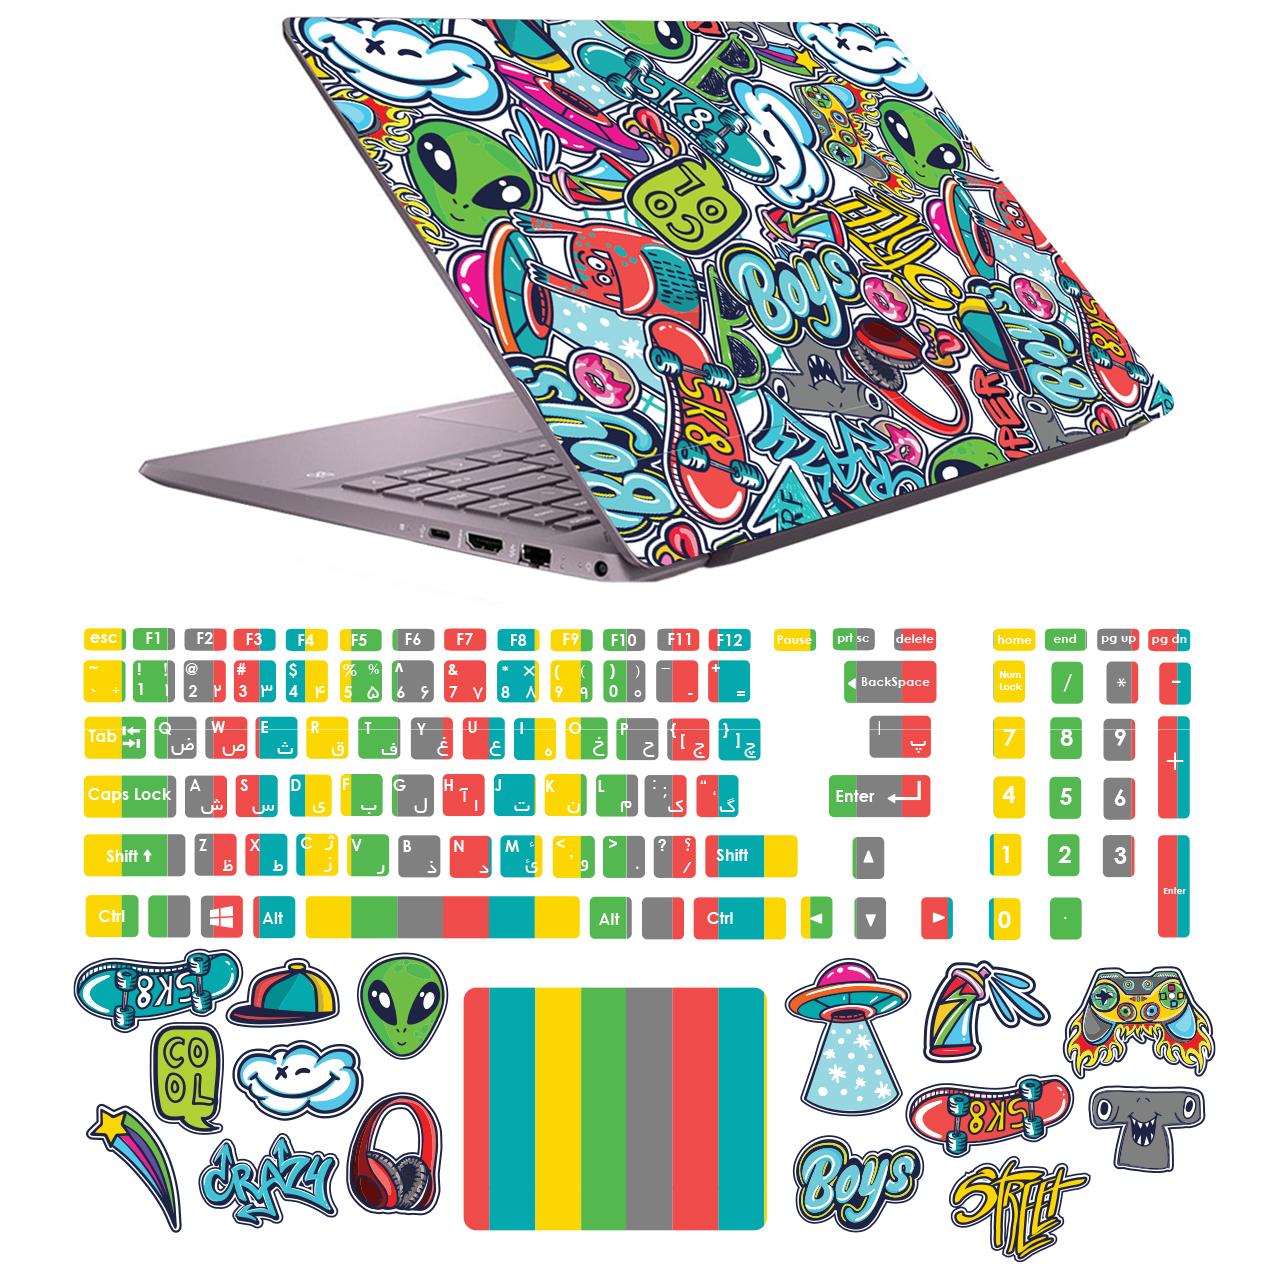 بررسی و {خرید با تخفیف} استیکر لپ تاپ مدل 6048 hk مناسب برای لپ تاپ 15.6 اینچ به همراه برچسب حروف فارسی کیبورد اصل